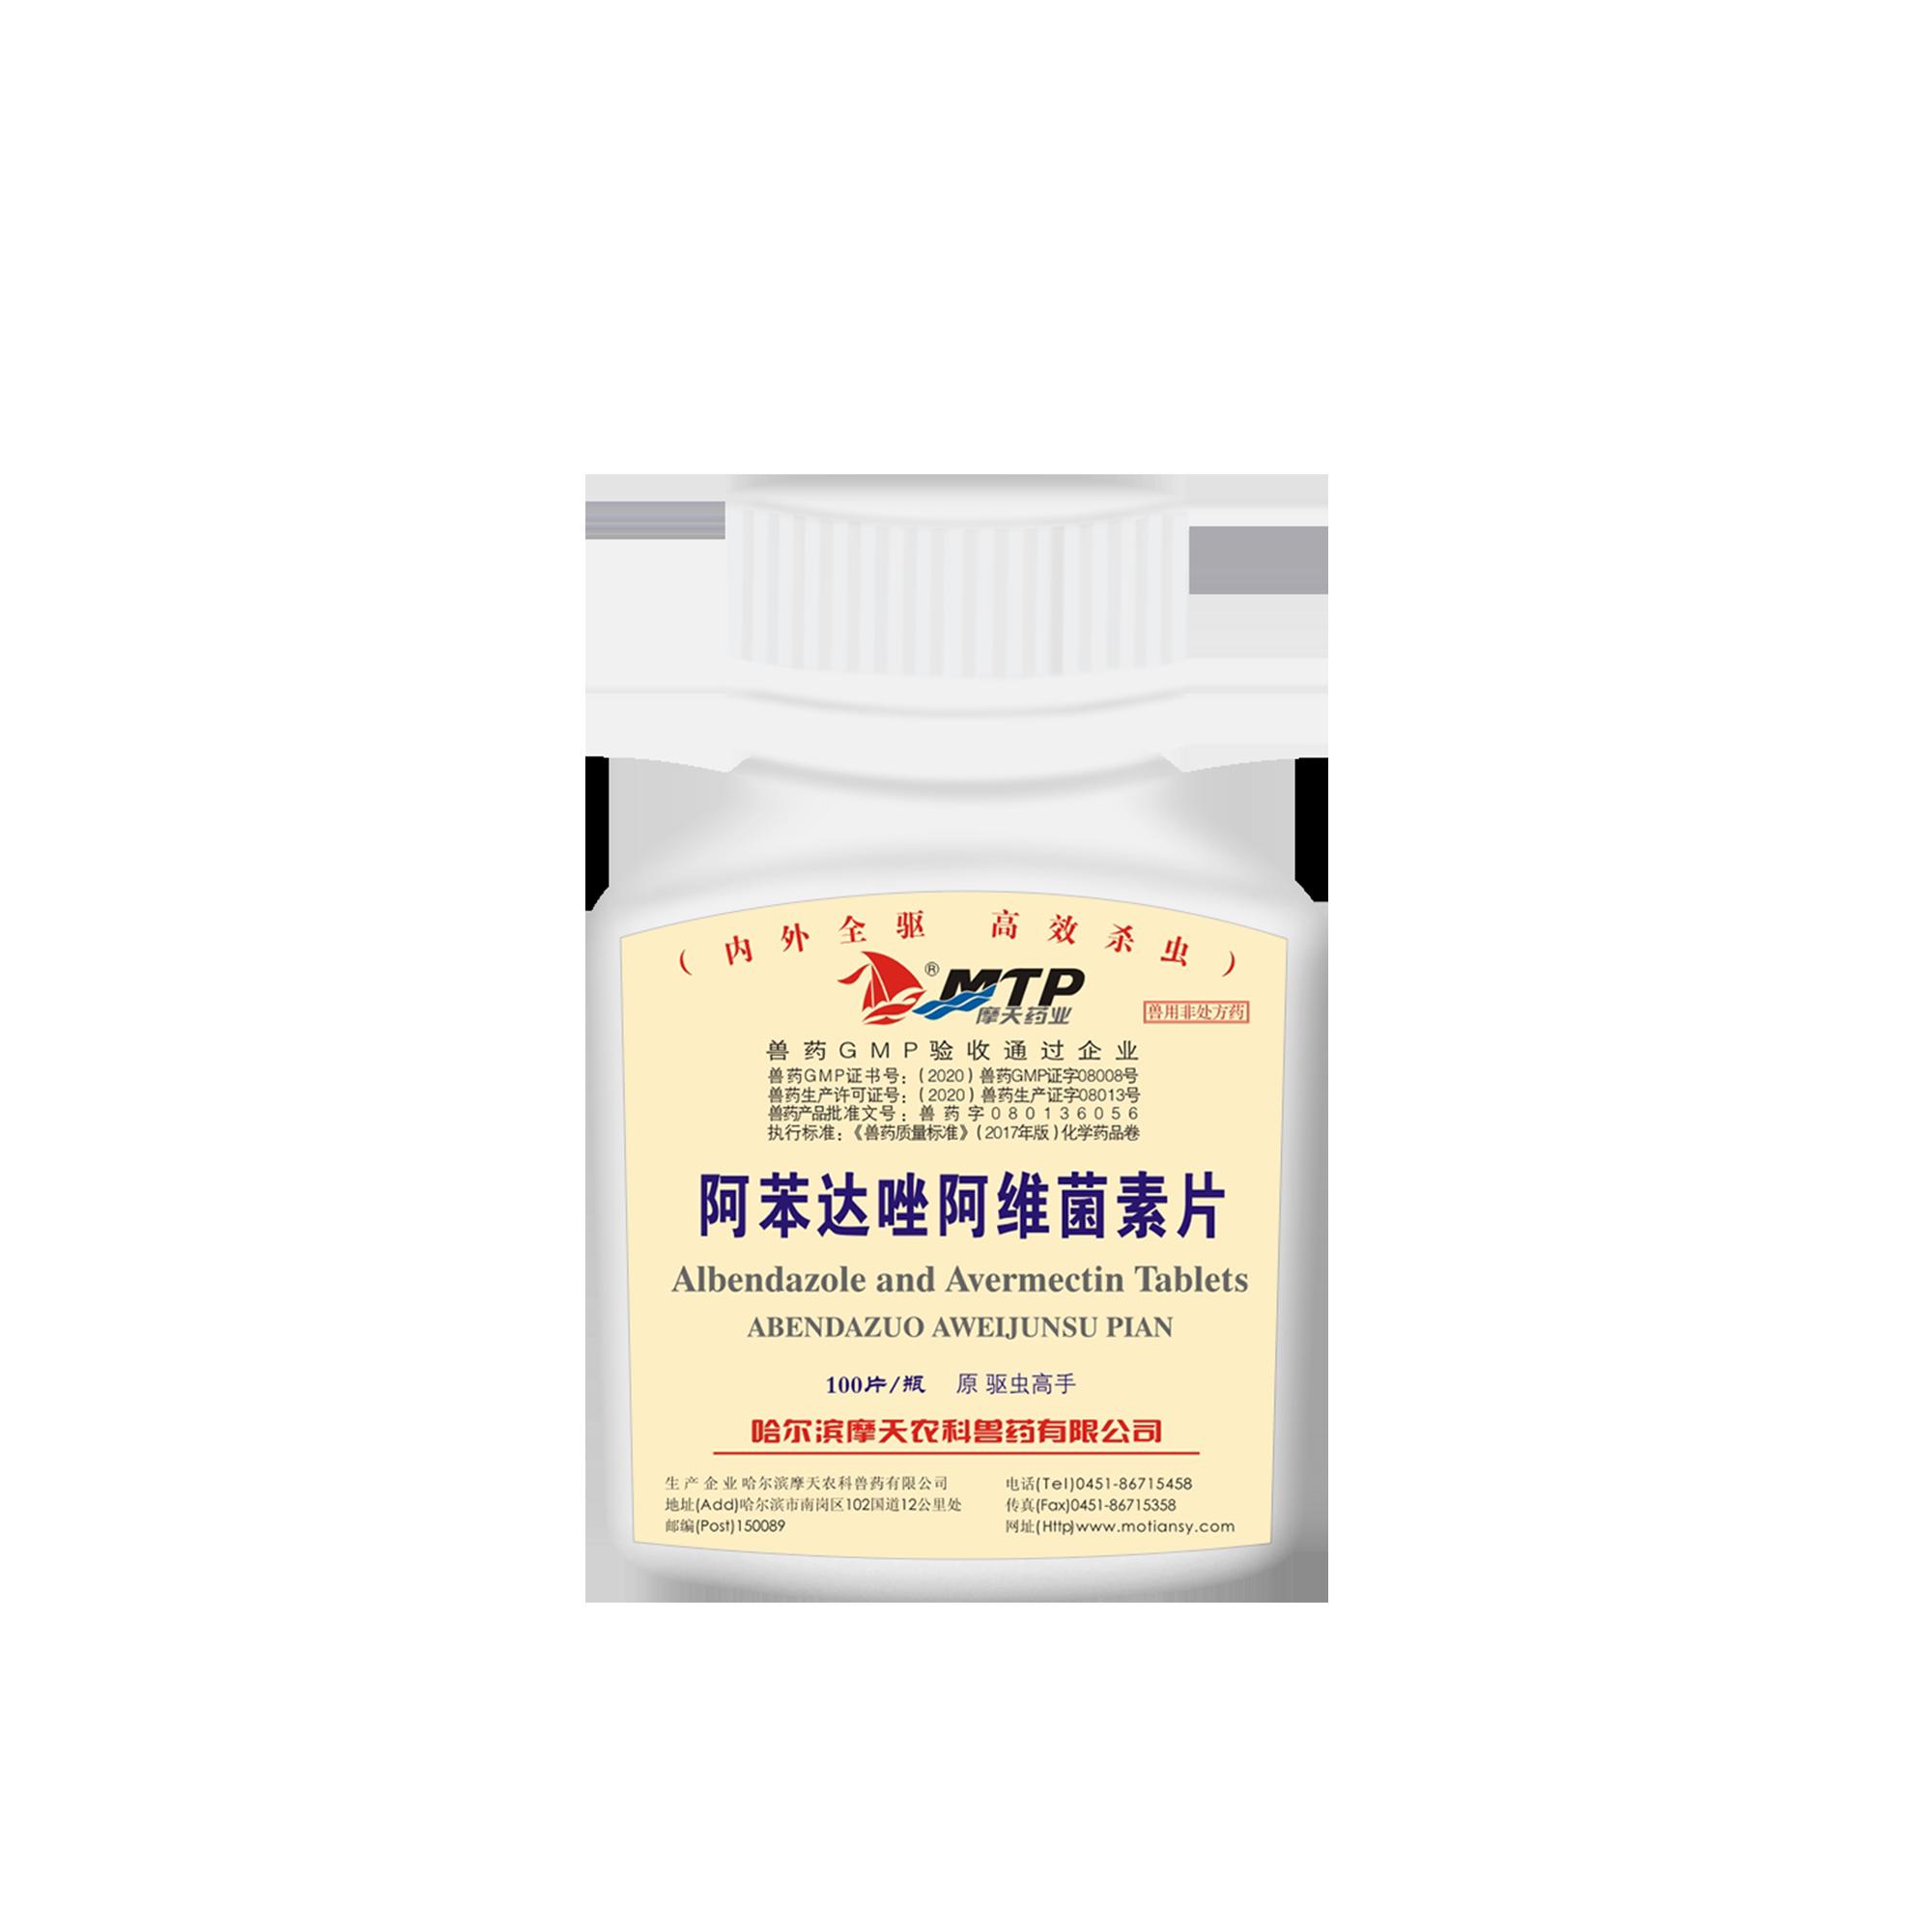 阿苯達唑阿維菌素片